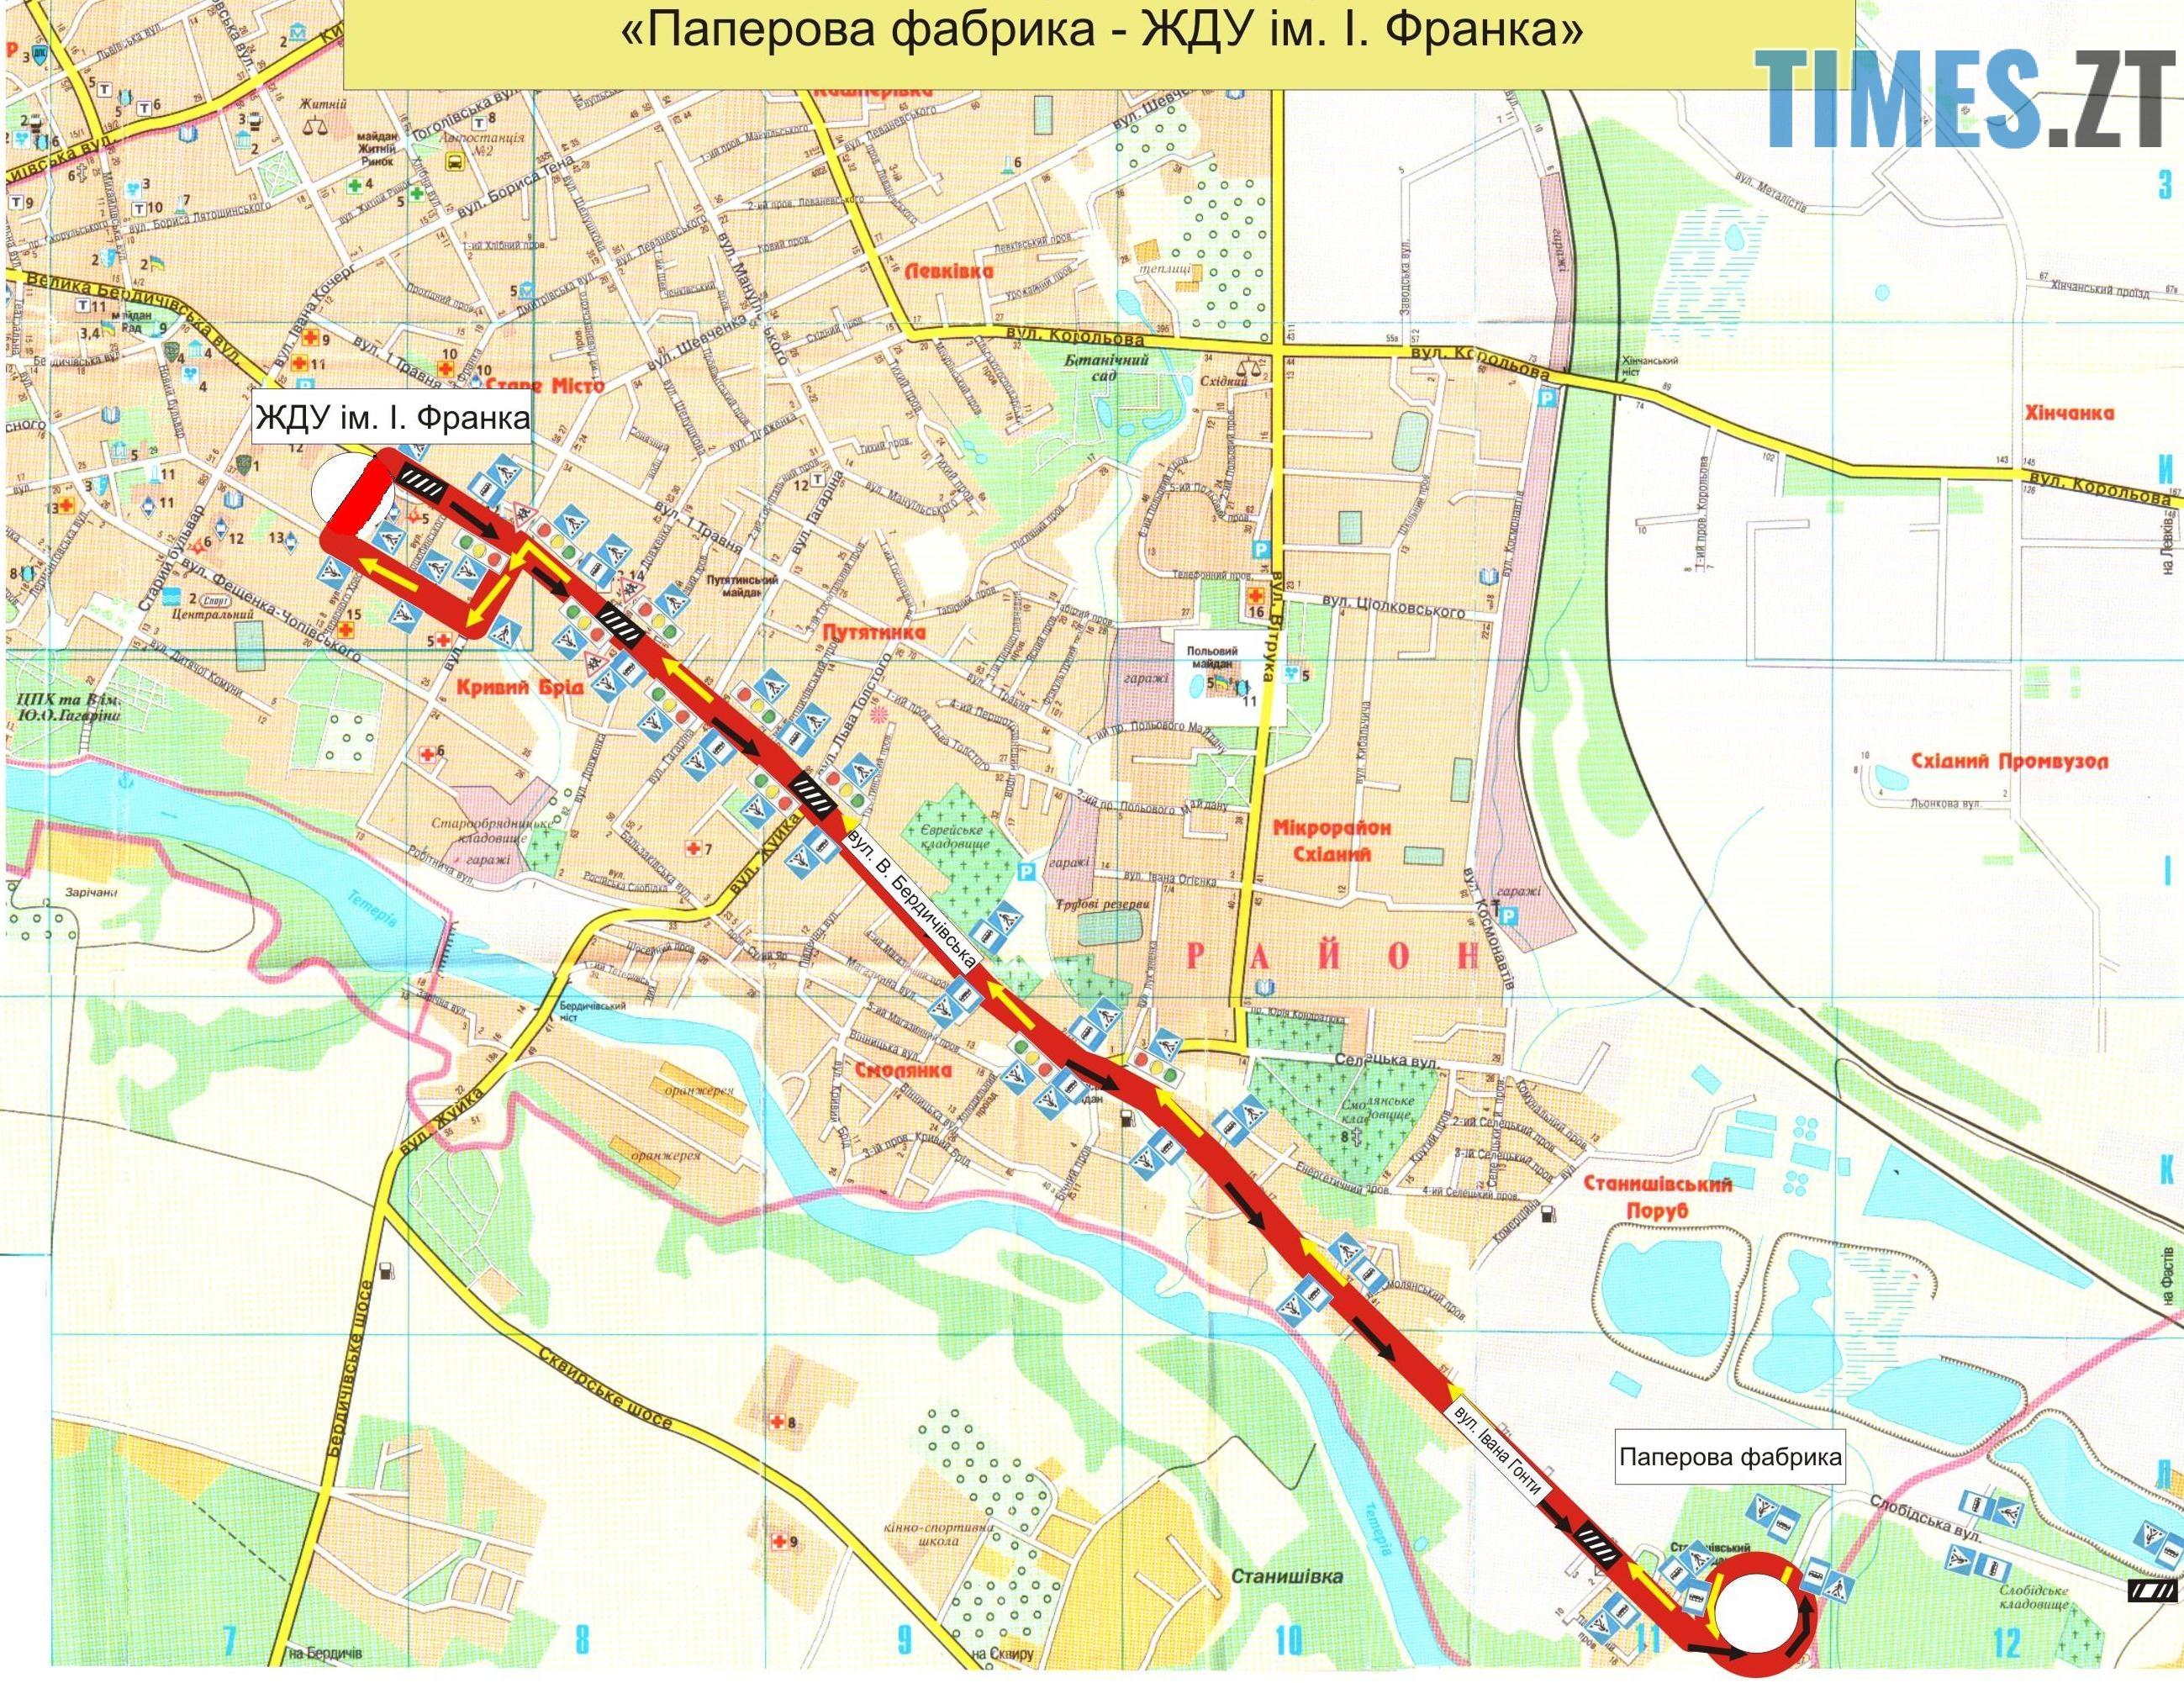 img1535796425 - У Житомирі з'явився маршрут, який возить дітей до навчальних закладів: графік та схема руху